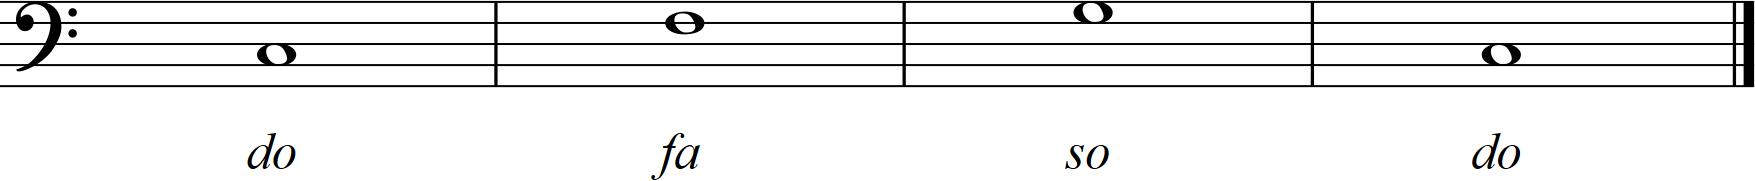 Chord Canons Deborah Smith Musicdeborah Smith Music